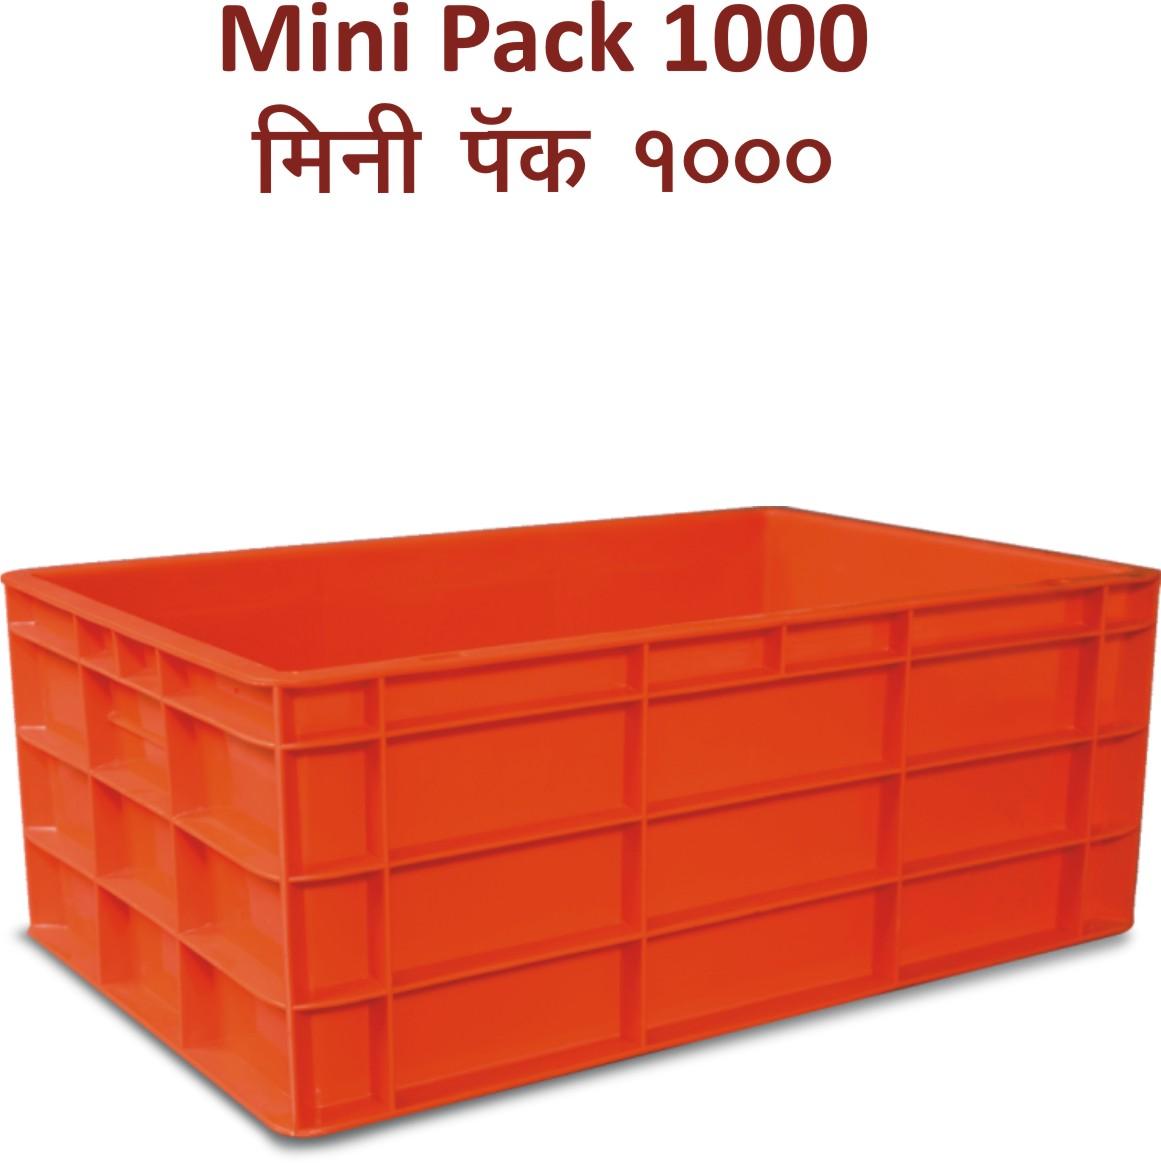 crate Mini Pack 10 Kg